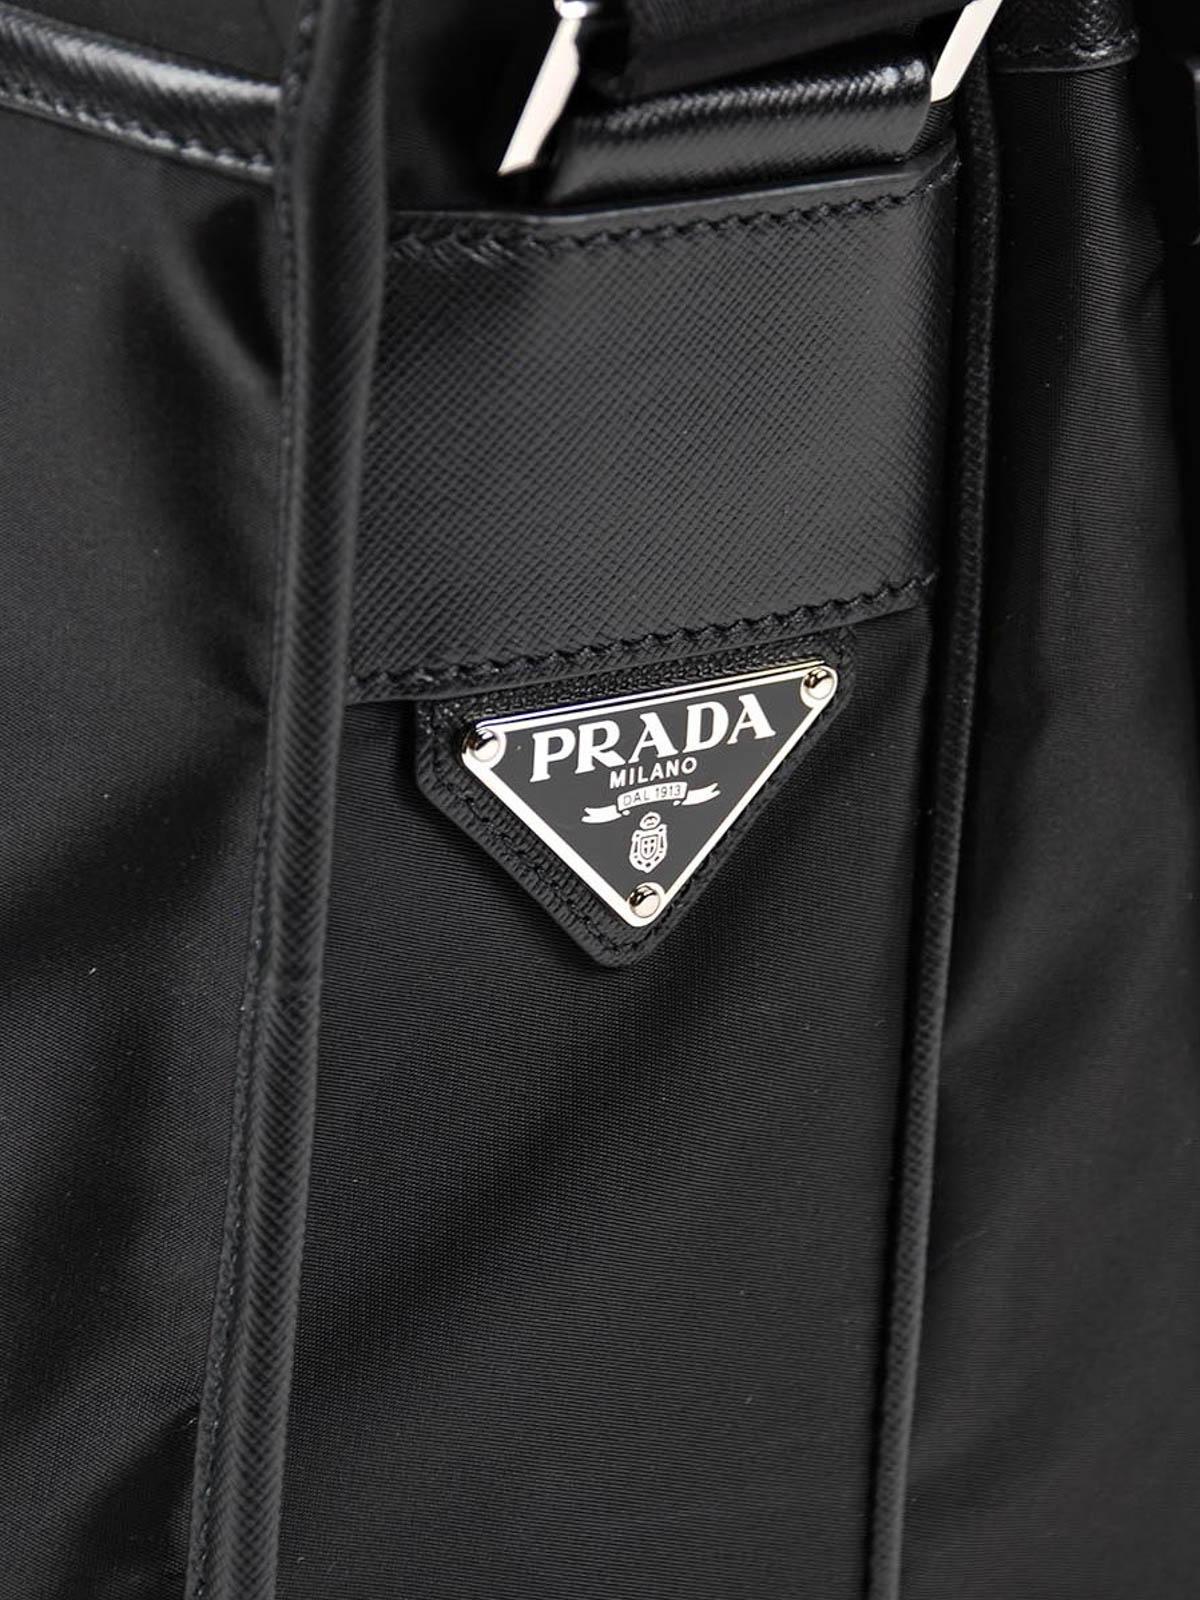 prada copy handbags - prada borsa nylon